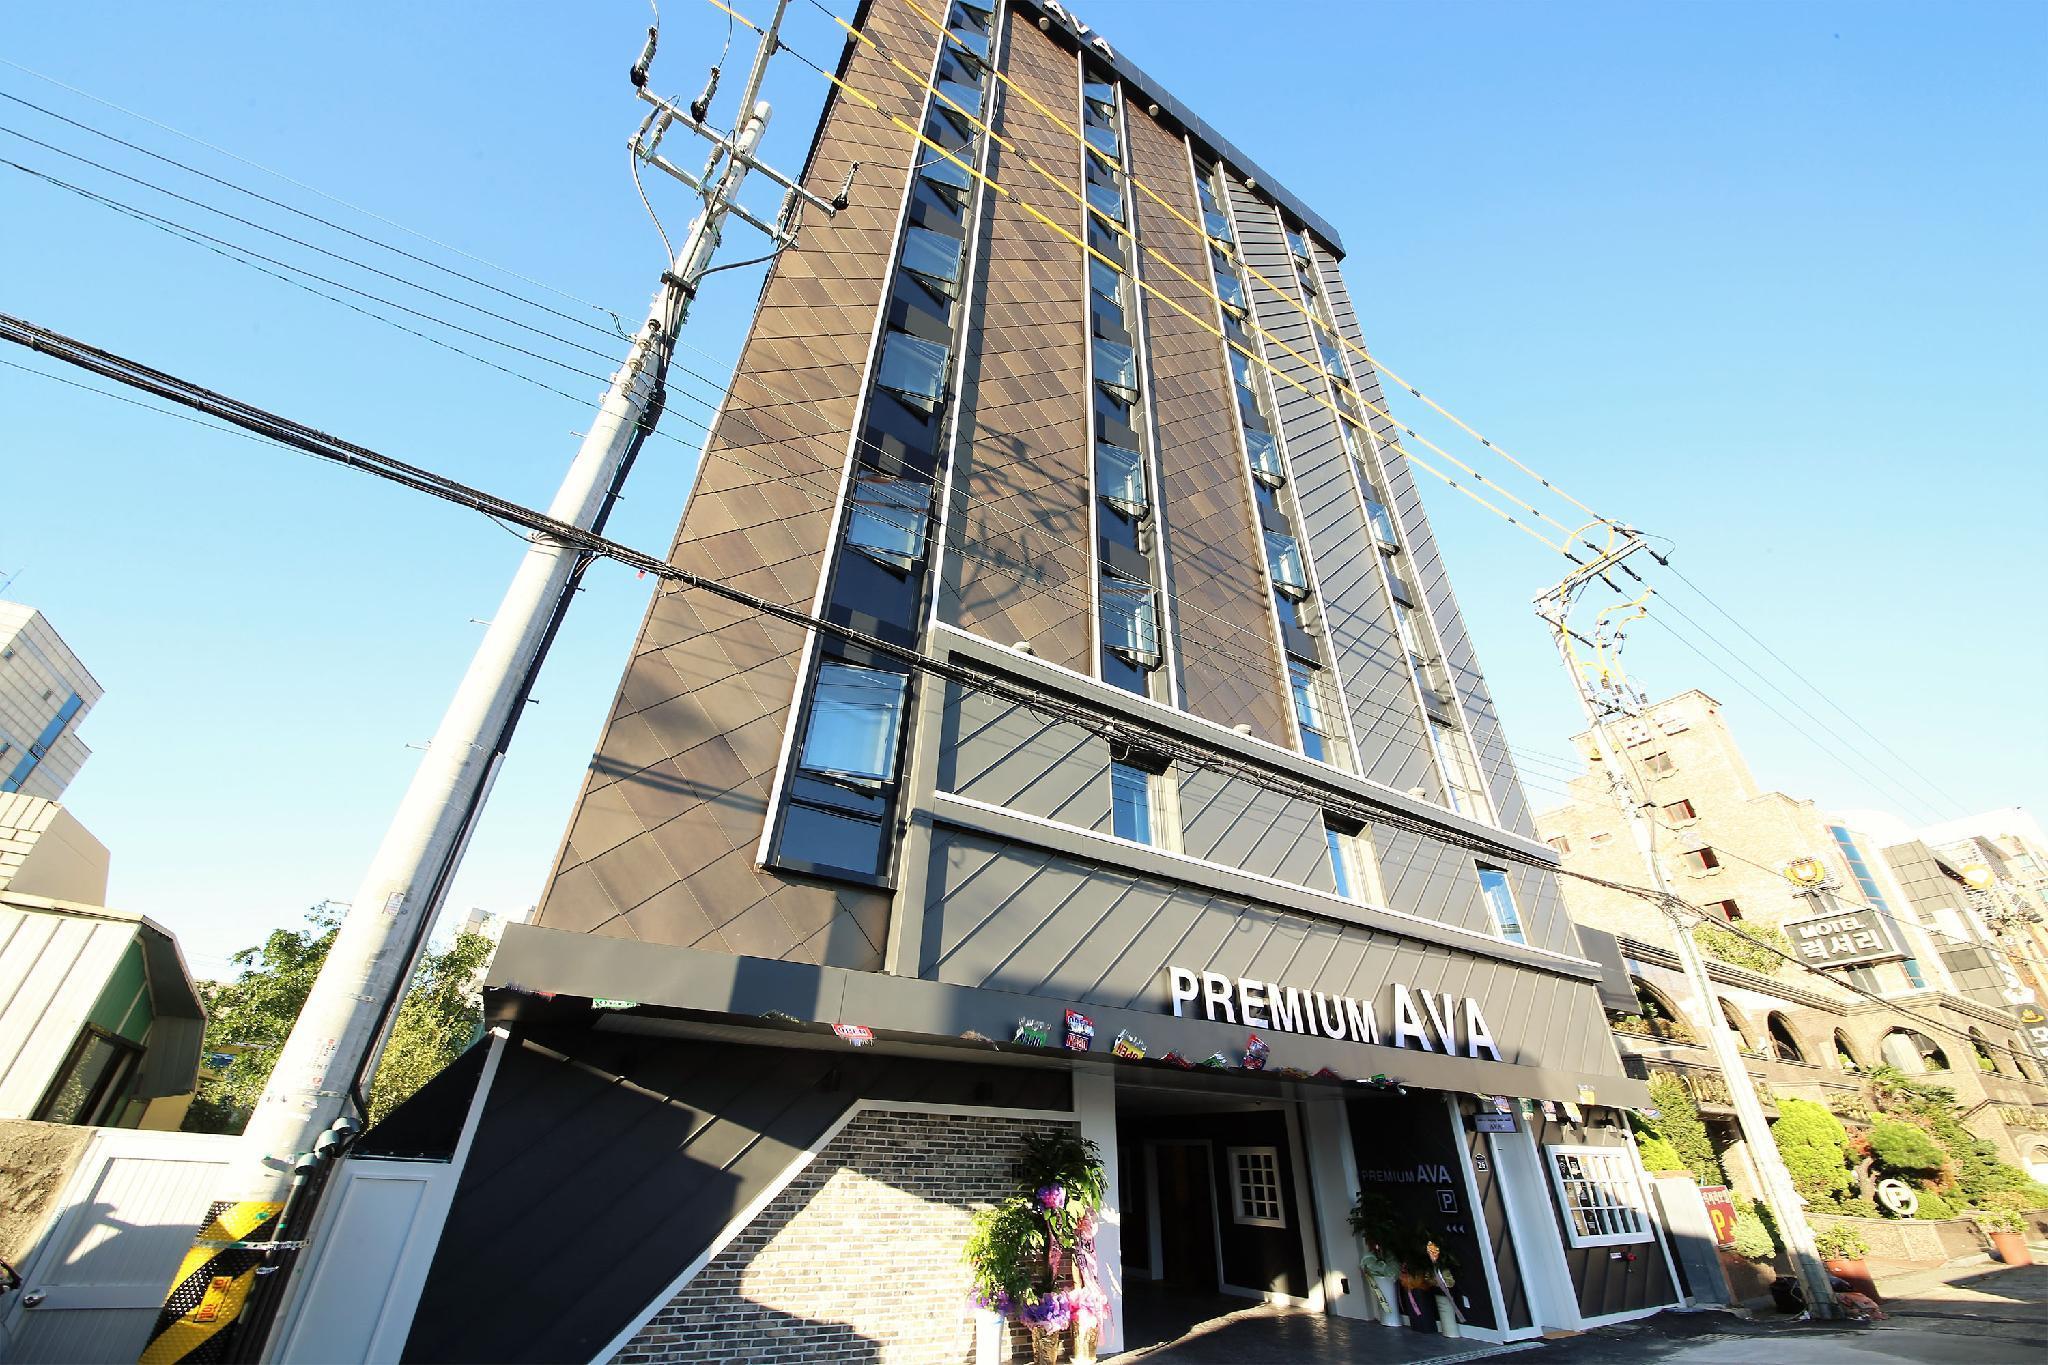 Premium Ava Hotel